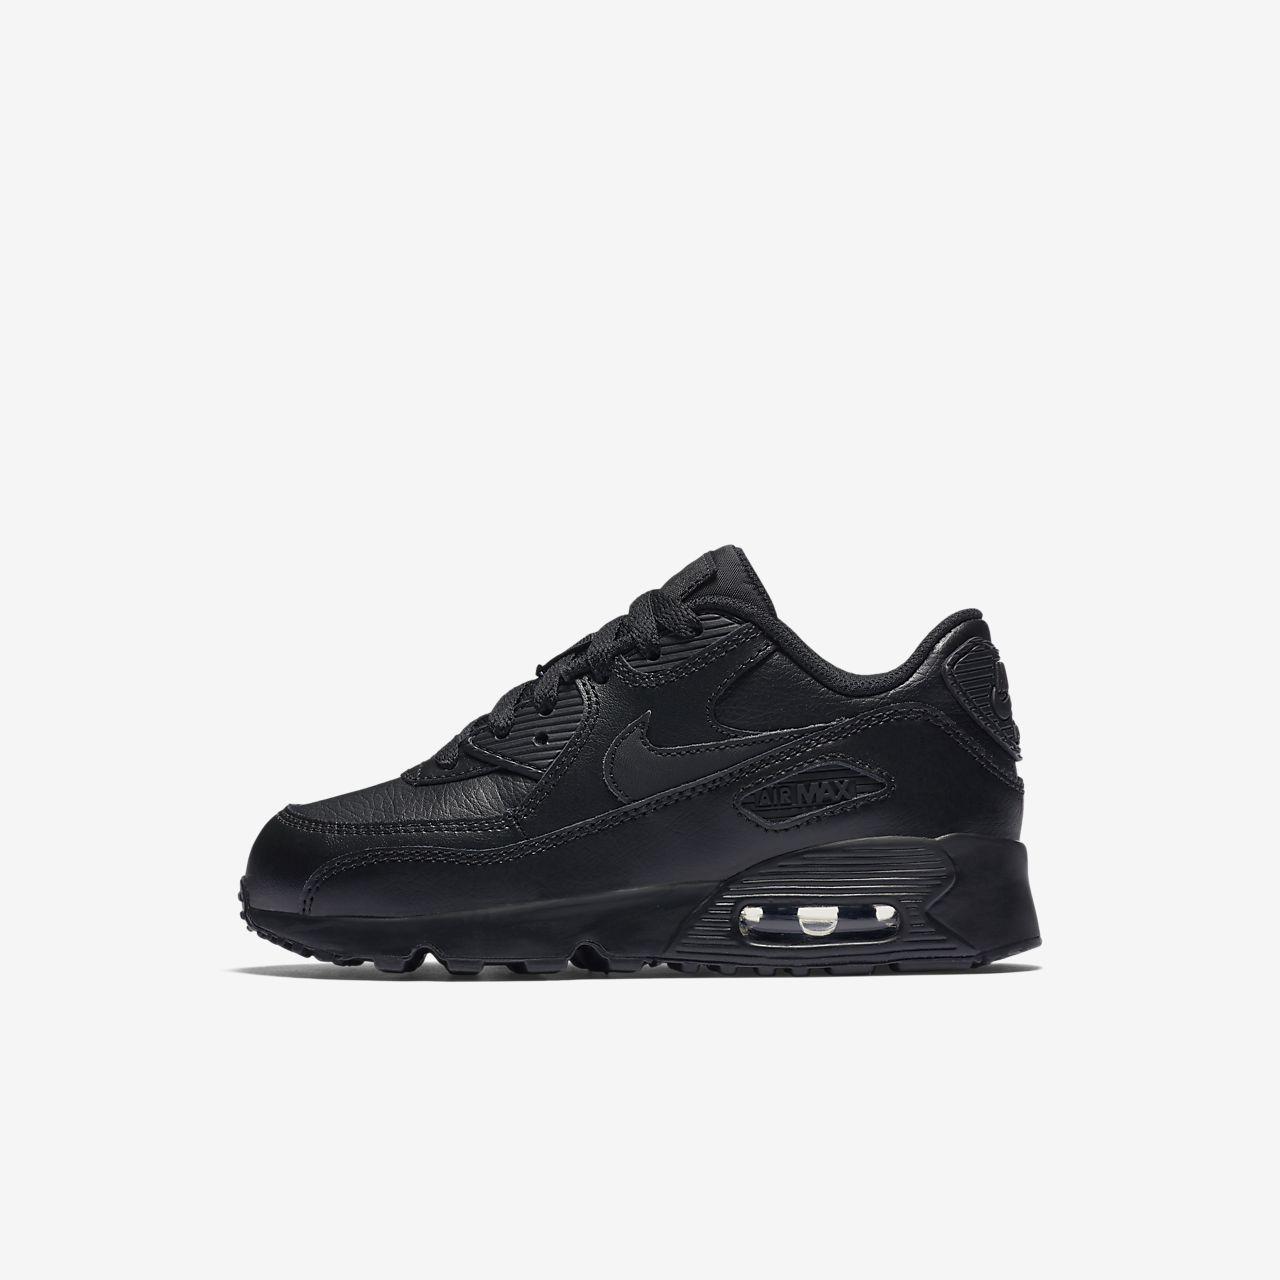 cheap black leather nike air max 90